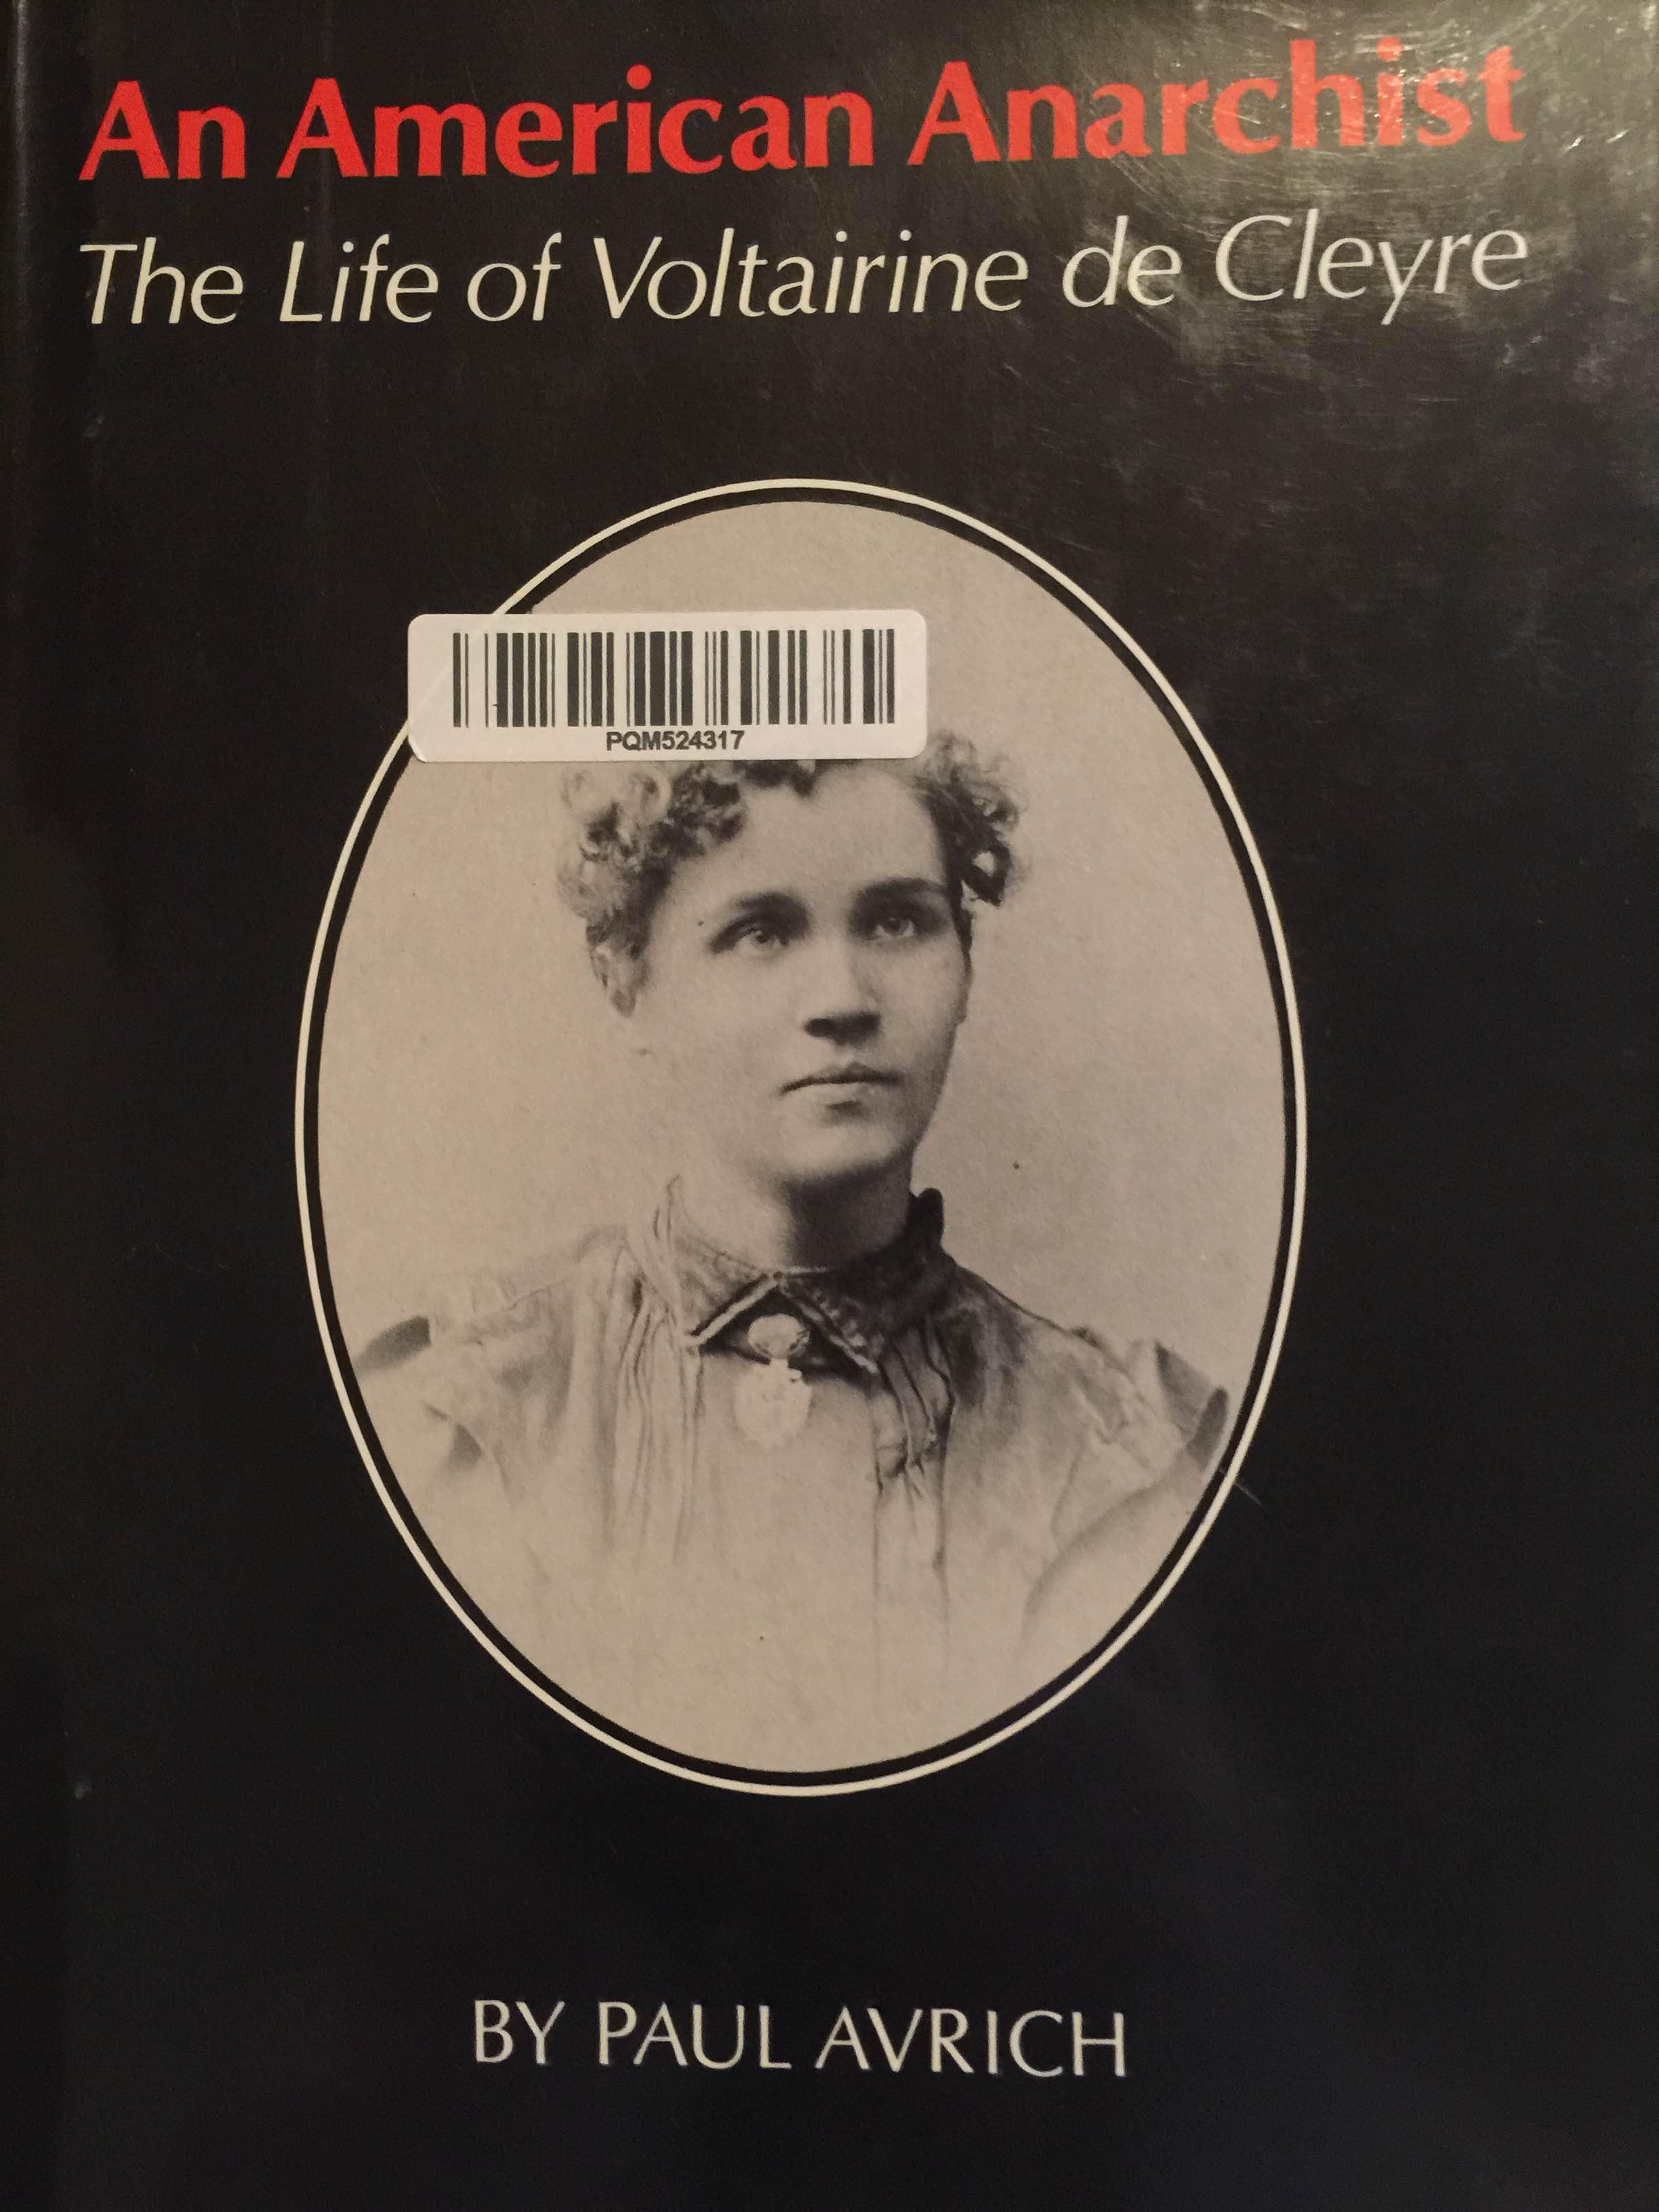 voltairine de cleyre biography of william